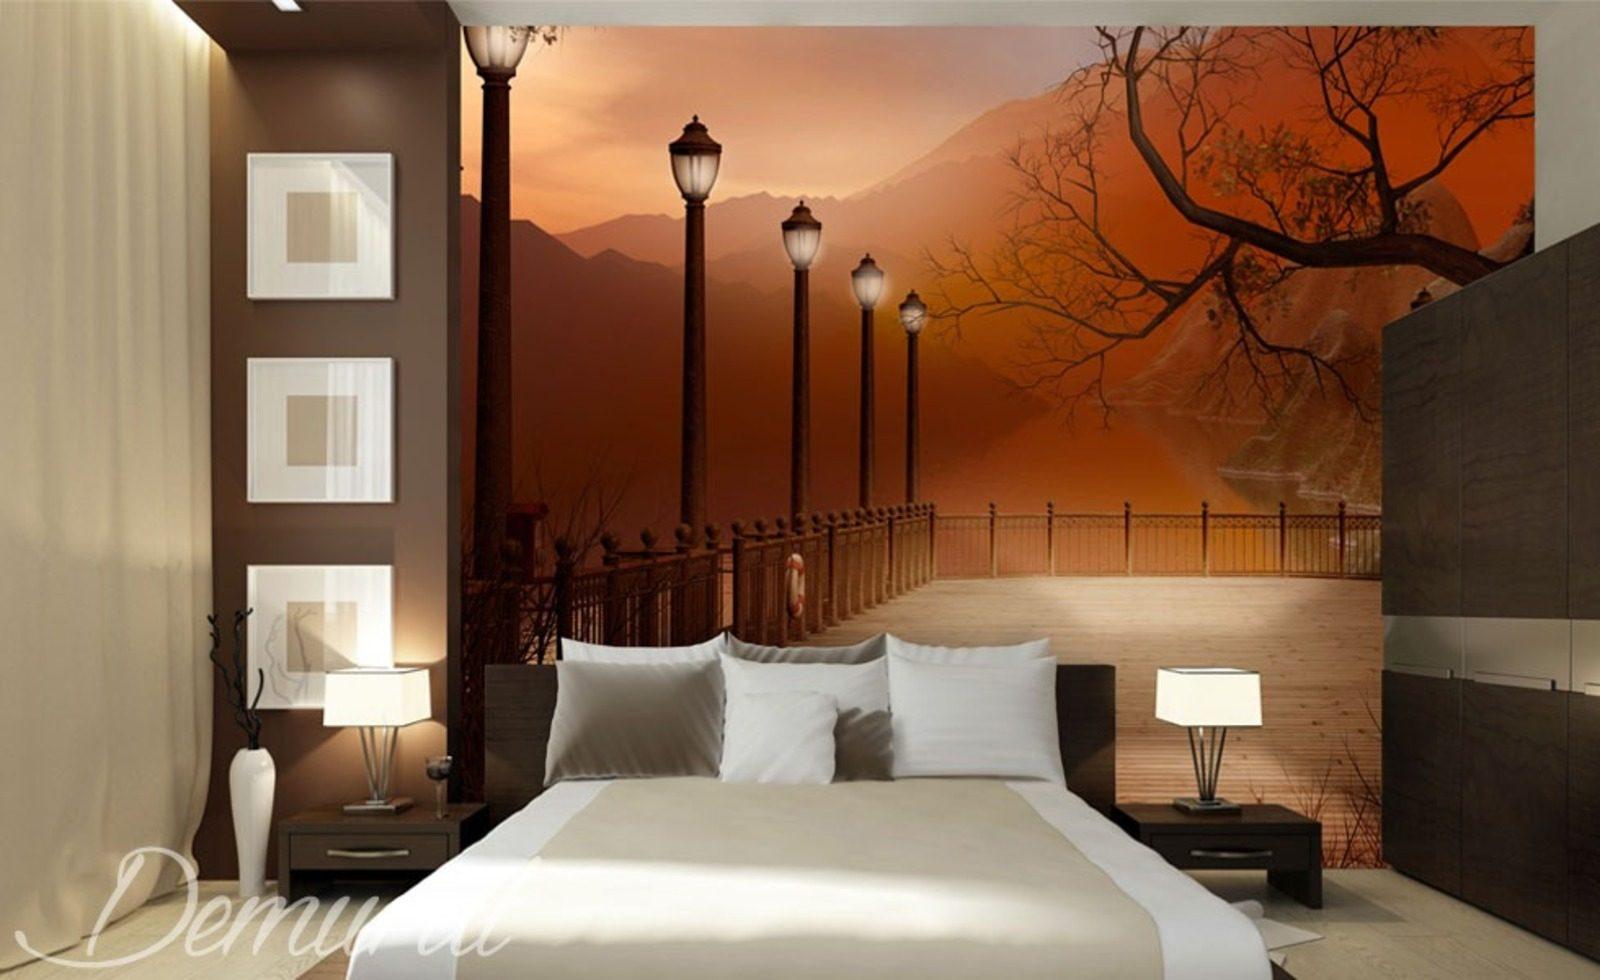 Chambre coucher avec vue papier peint pour le chambres for Papier peint original chambre